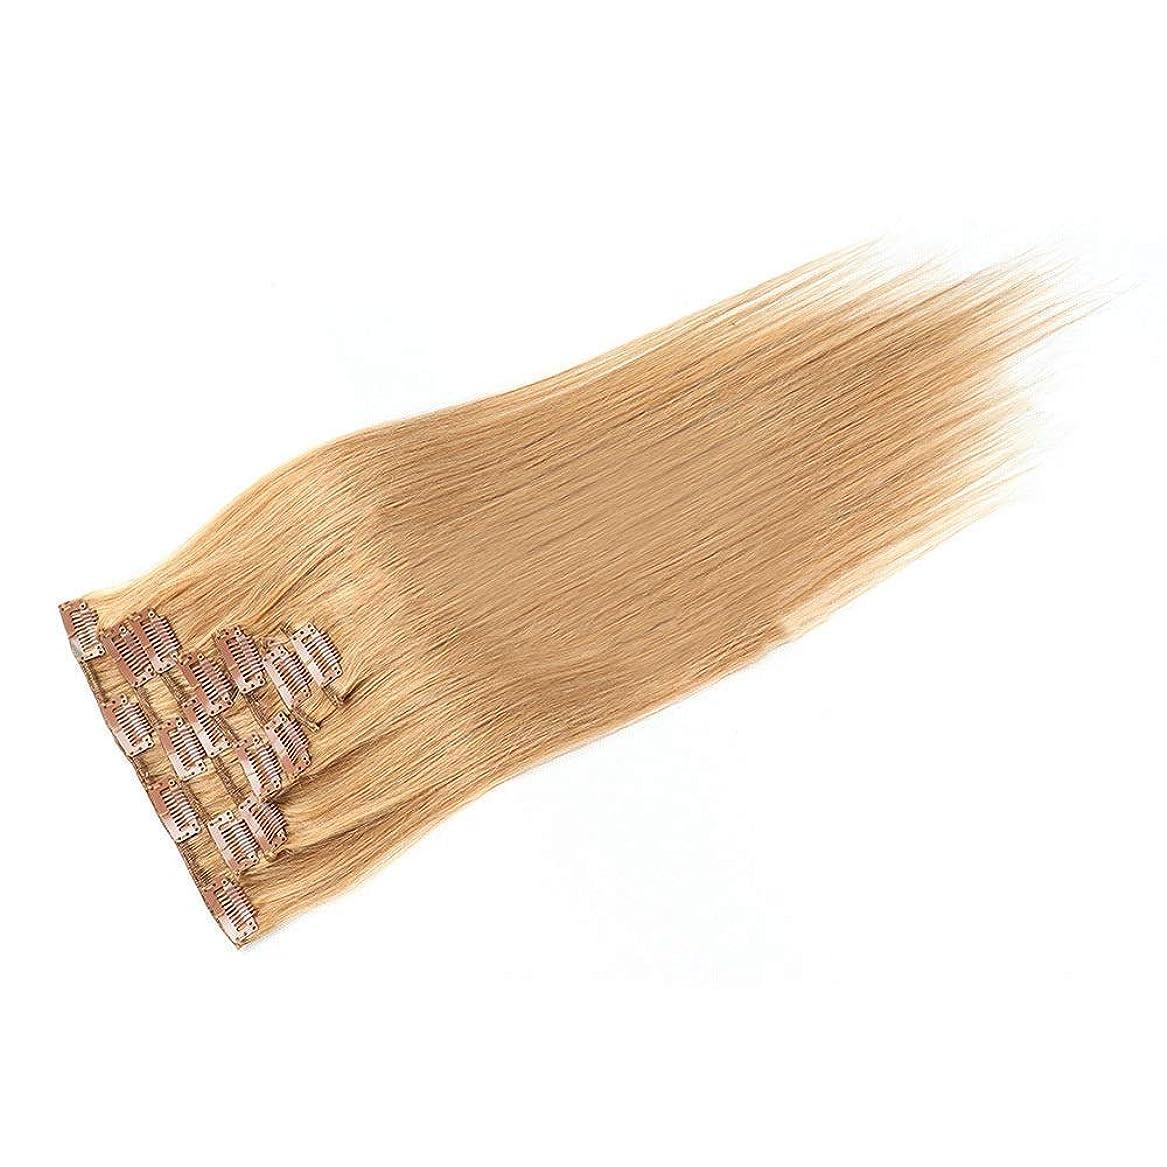 ダンス争うホットBOBIDYEE 20インチ人毛エクステンションクリップイン - ダブル横糸ストレートヘア - 100%レミーヘア7個フルヘッド(20